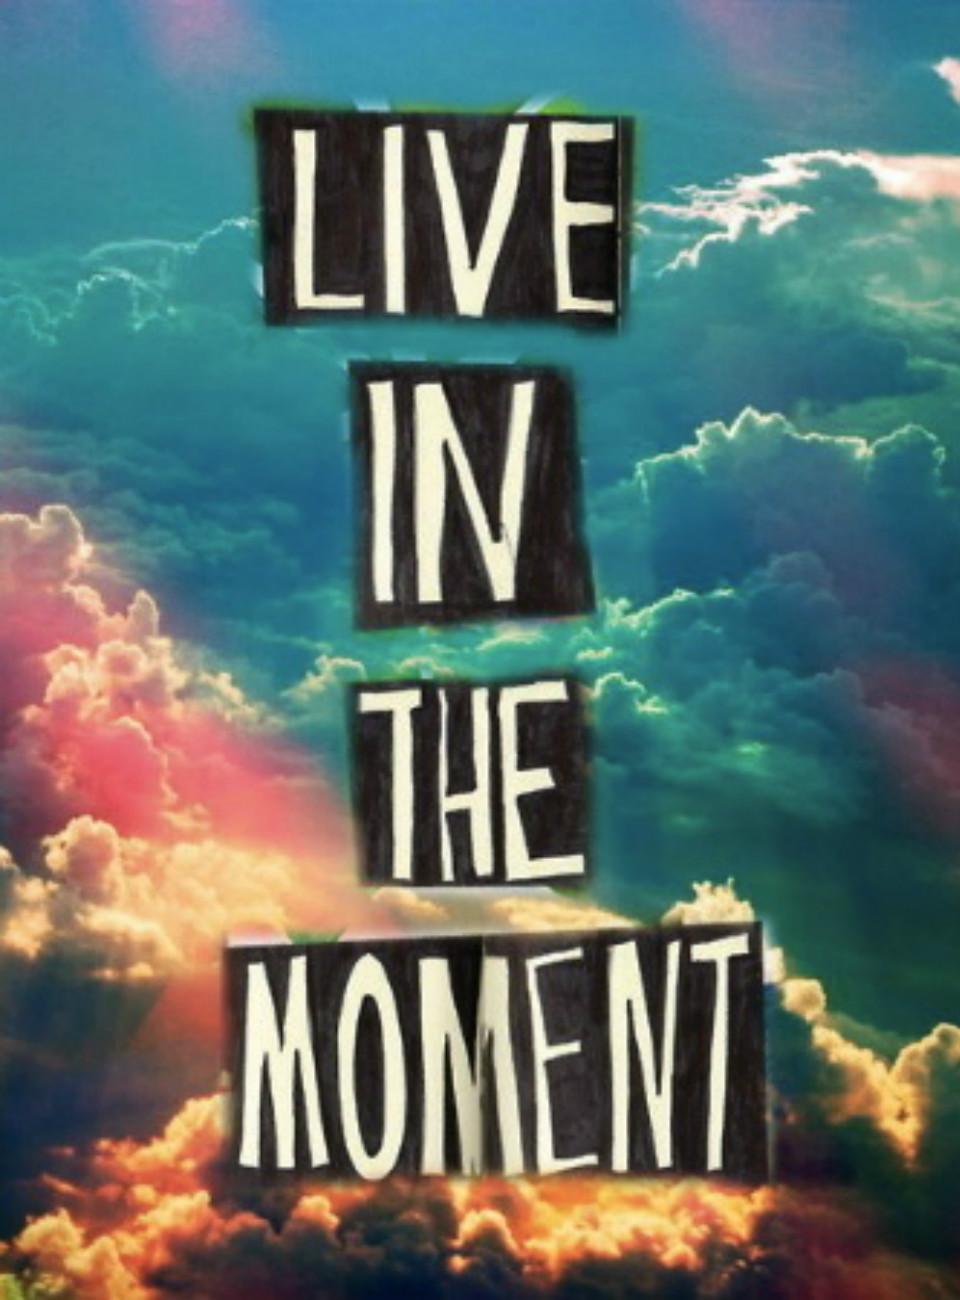 quote live